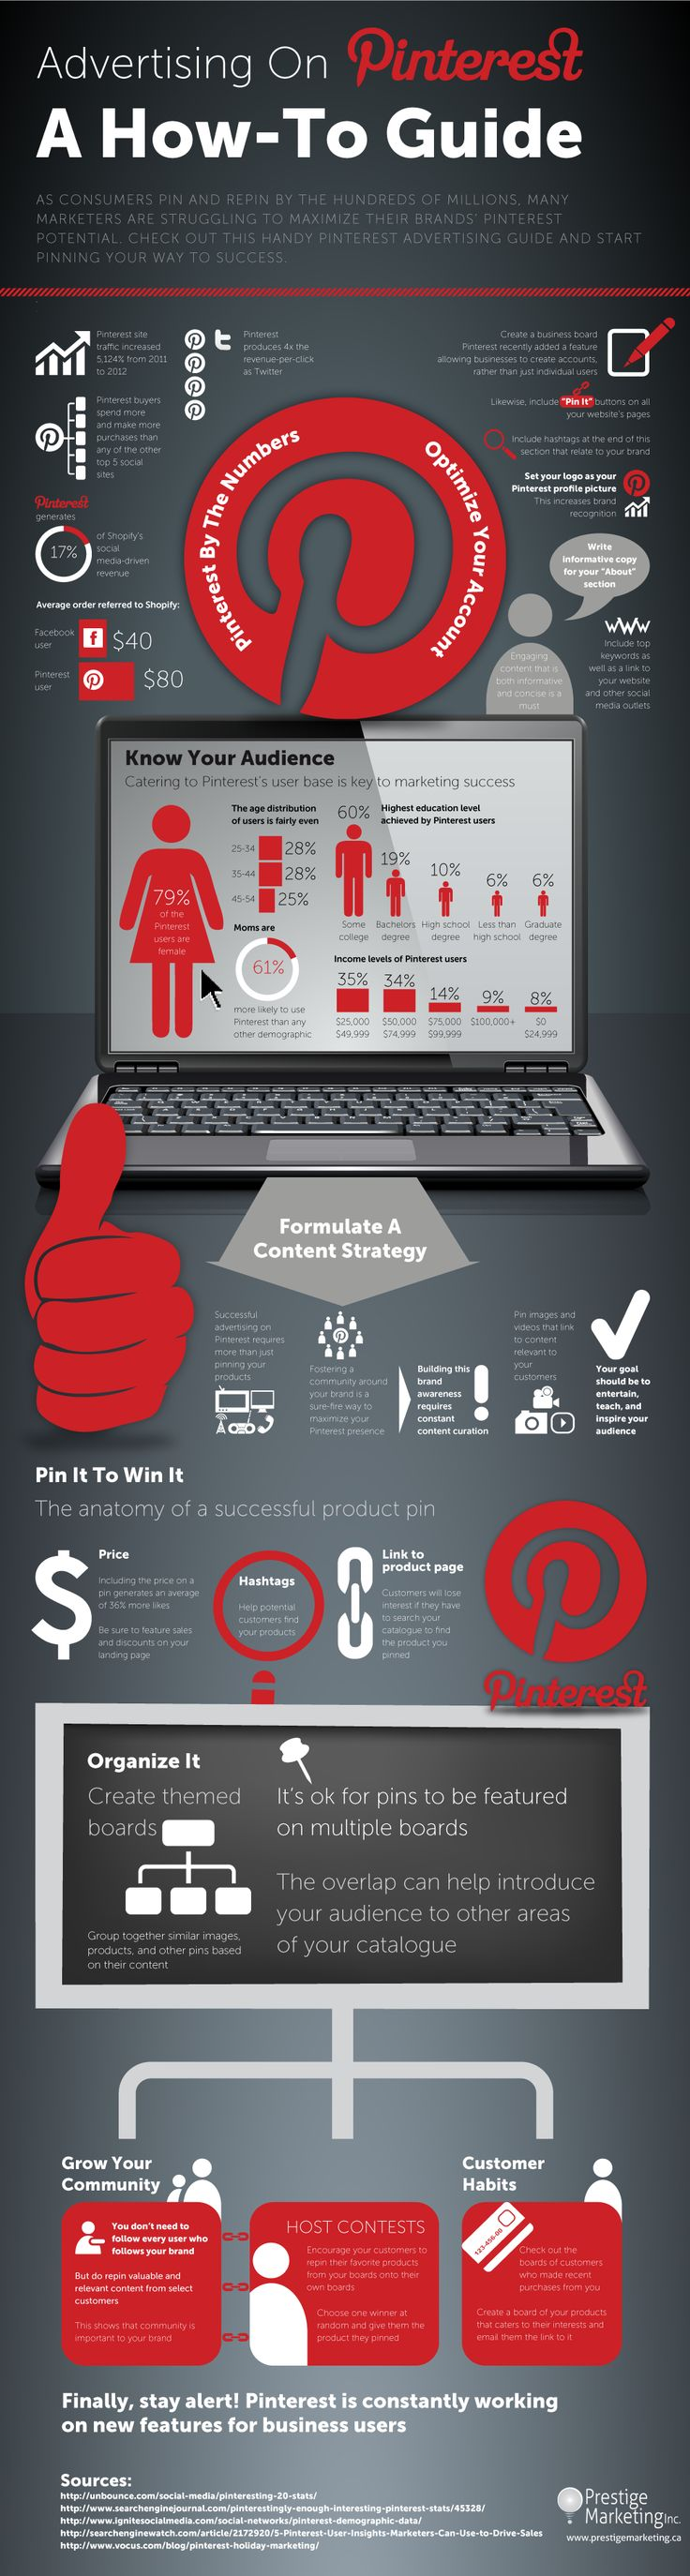 Guía sobre publicidad en Pinterest